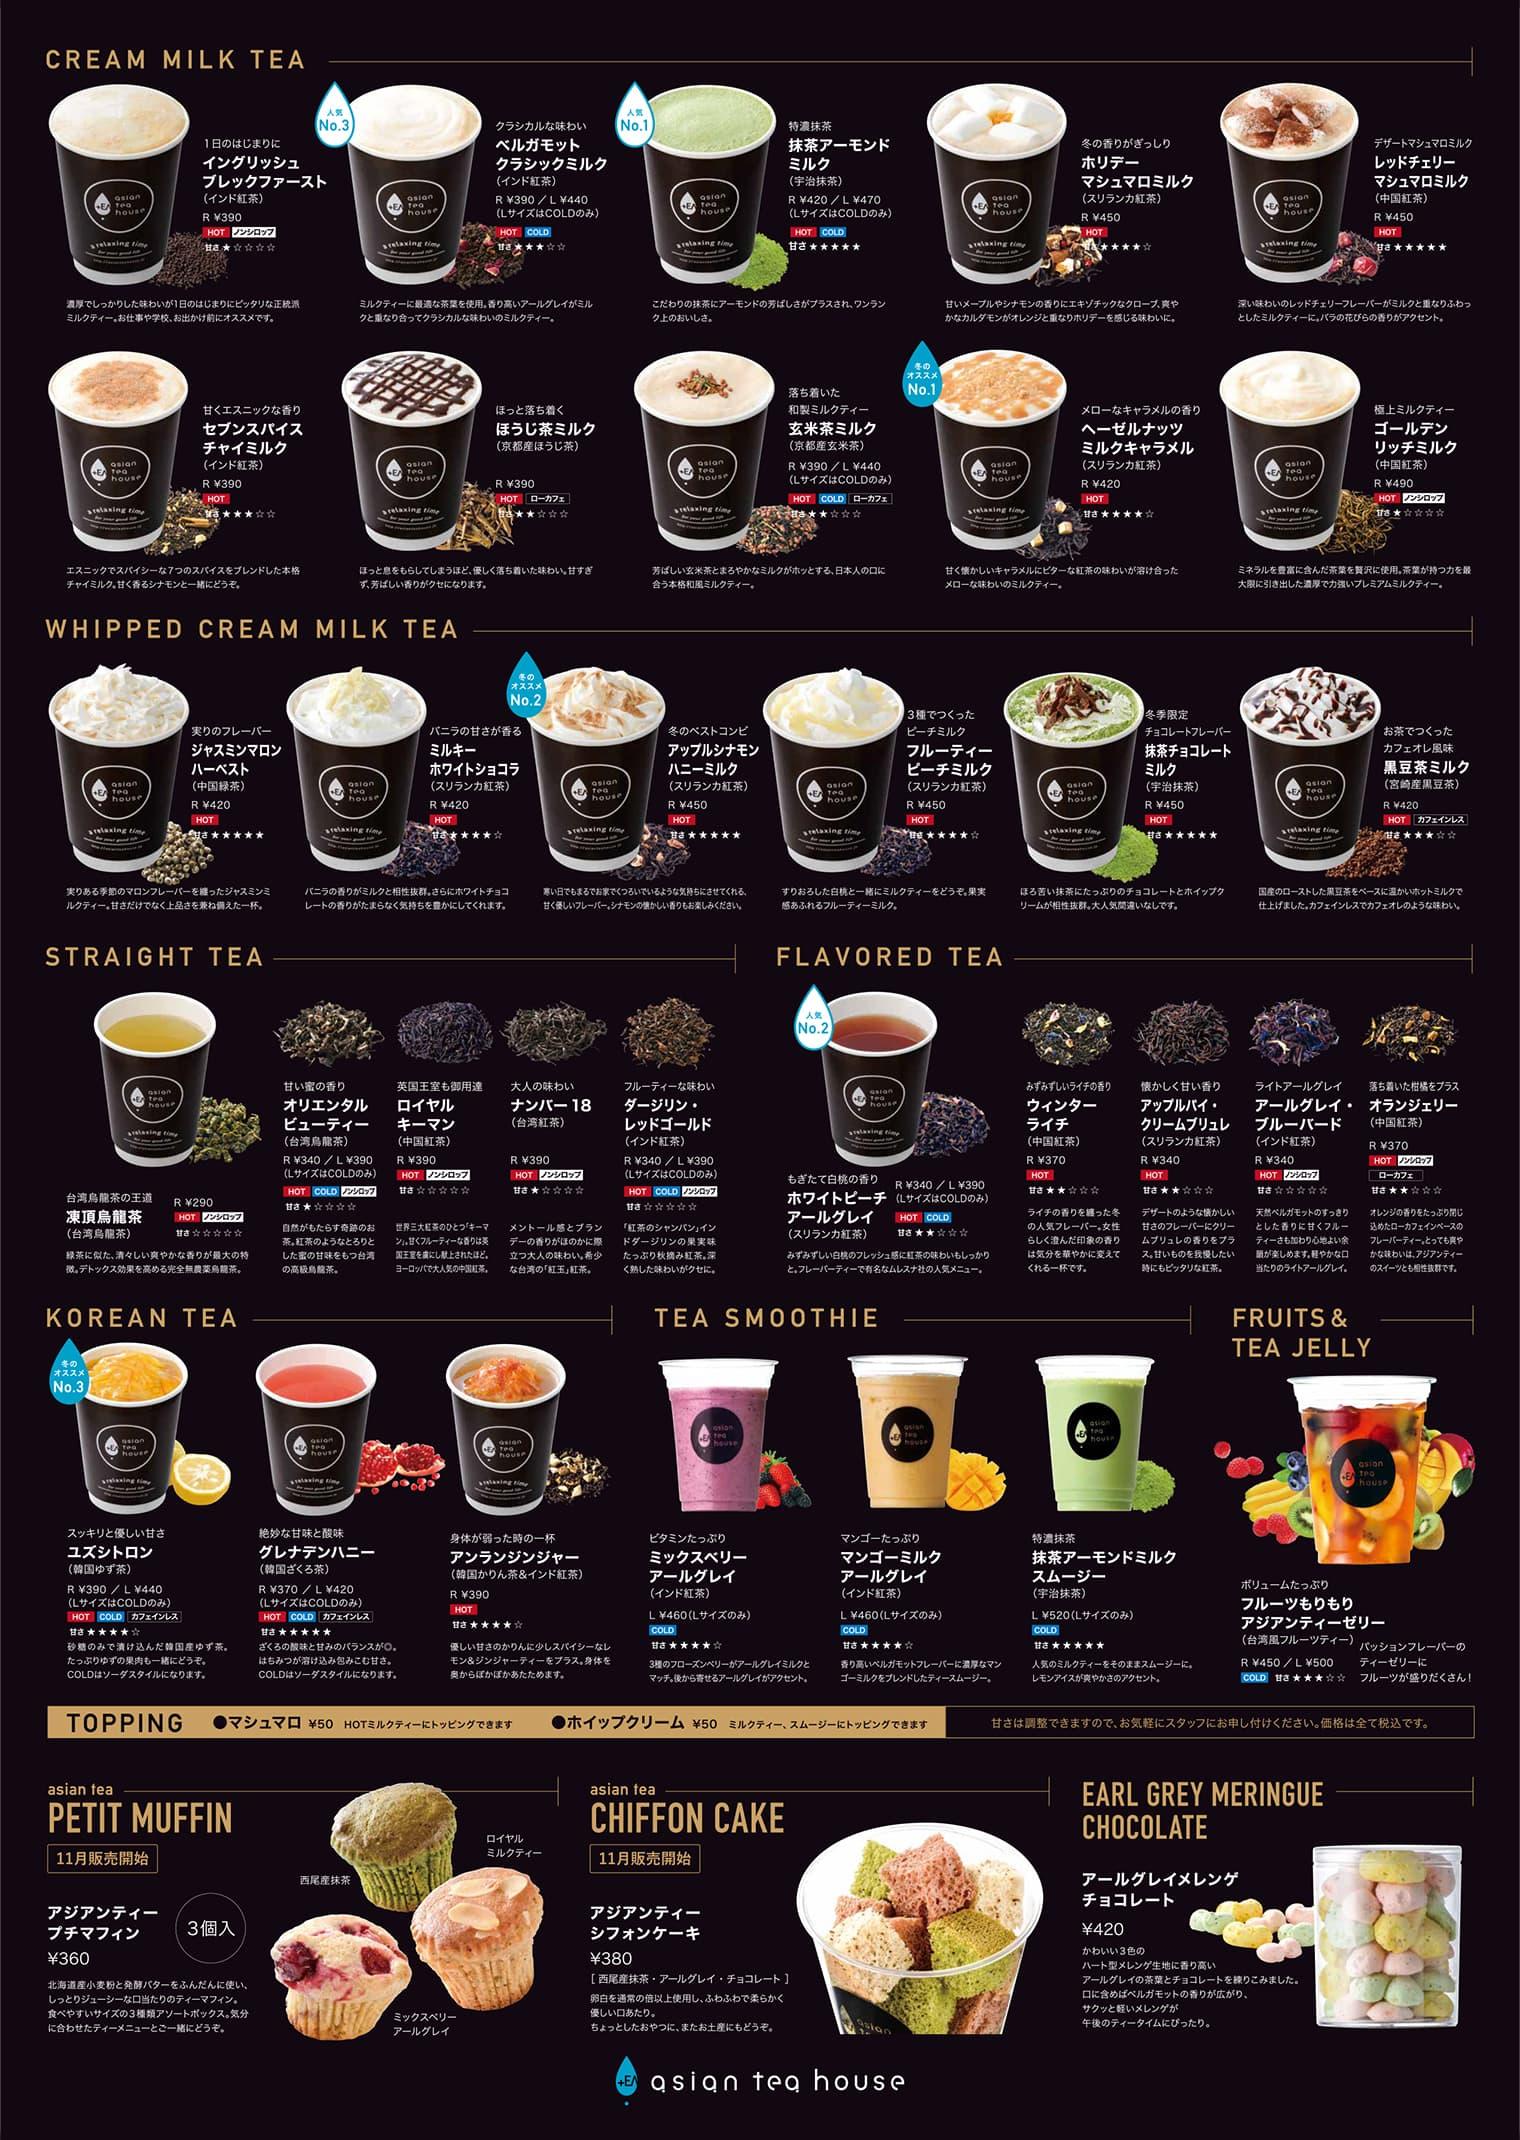 7 1 - ตัวอย่างป้ายเมนูเครื่องดื่มกาแฟ เมนูอาหารดีไซน์สไตล์ญี่ปุ่น